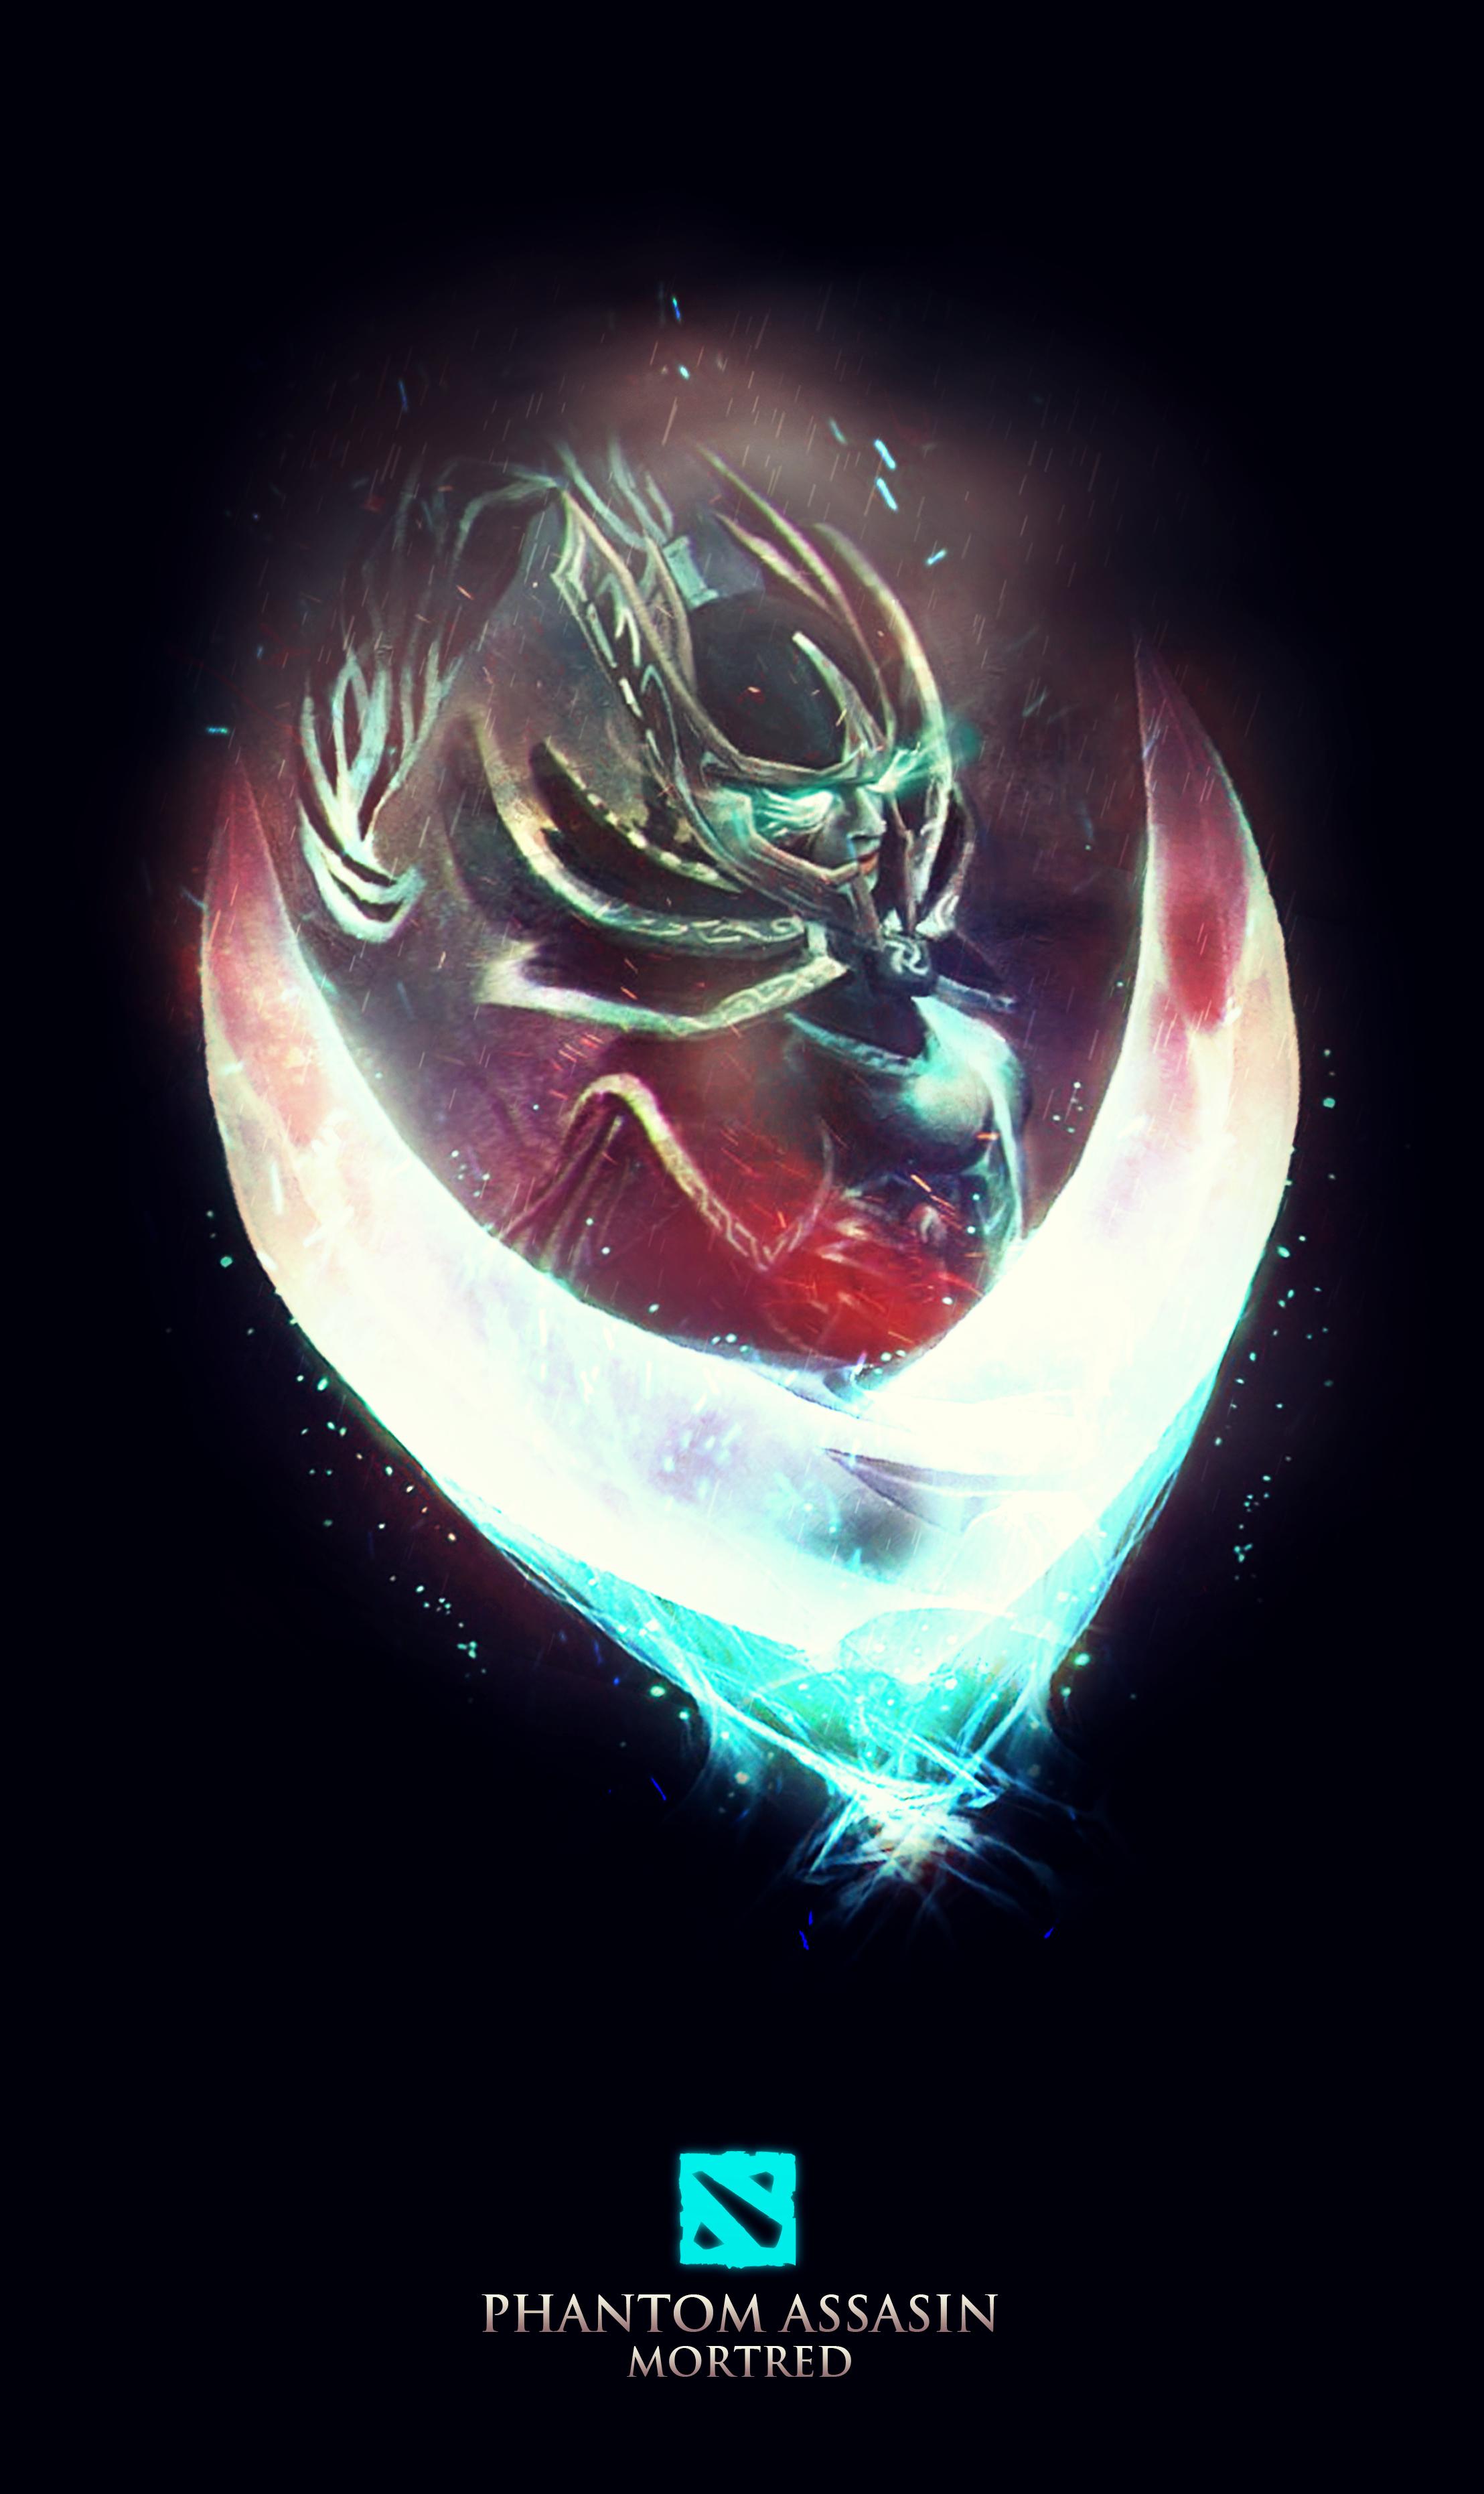 phantom assassin by sarasvatix on deviantart